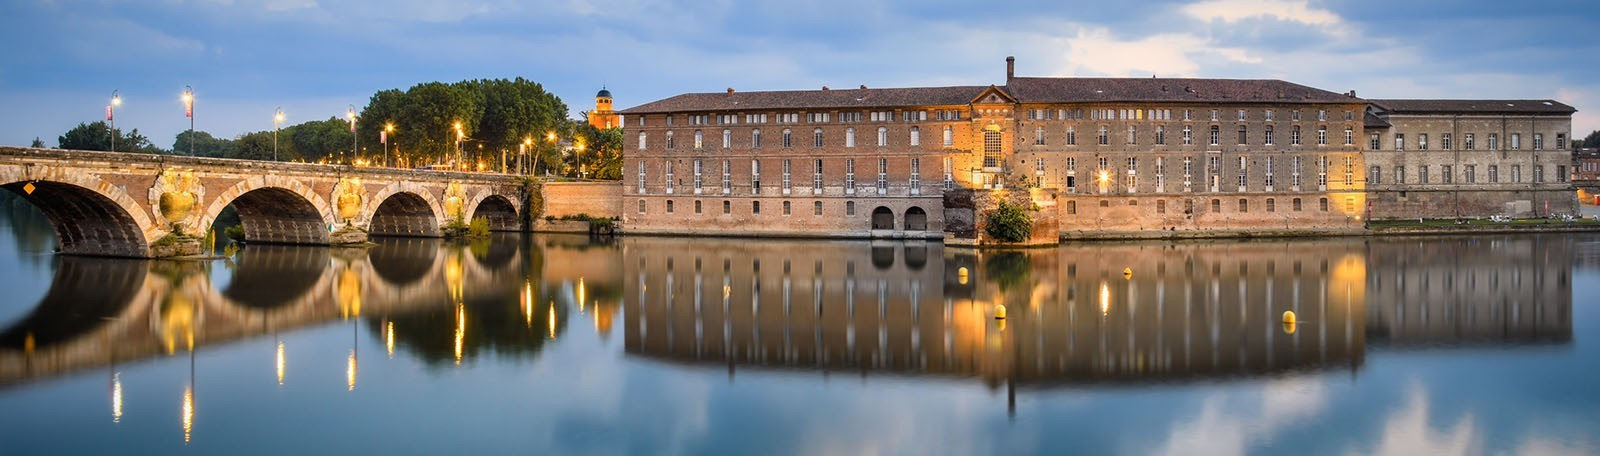 Réservation parking Jeanne d'Arc Toulouse